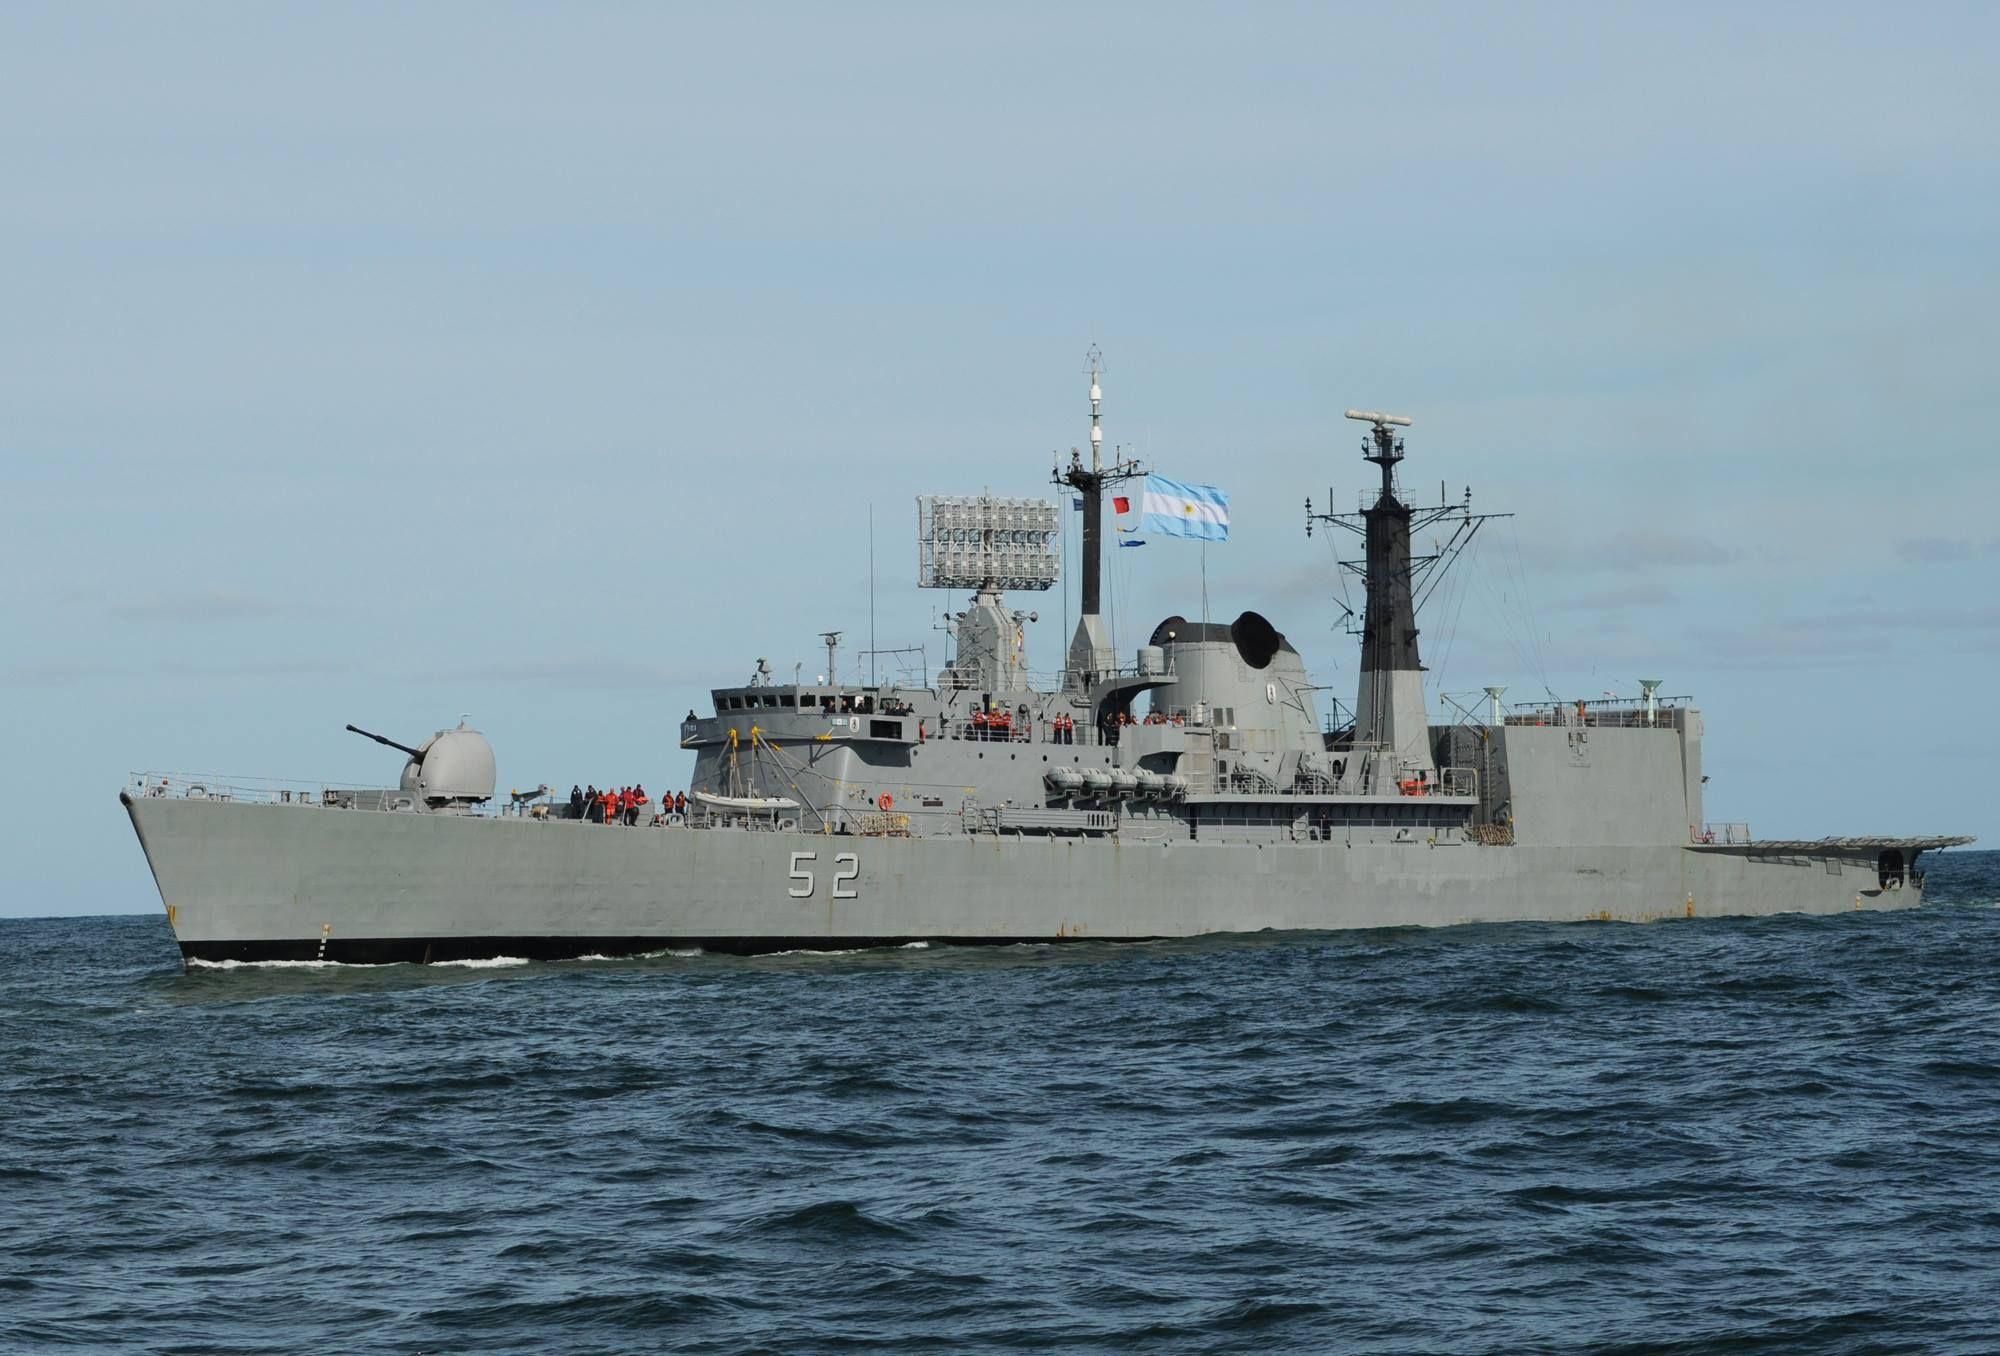 Og warship